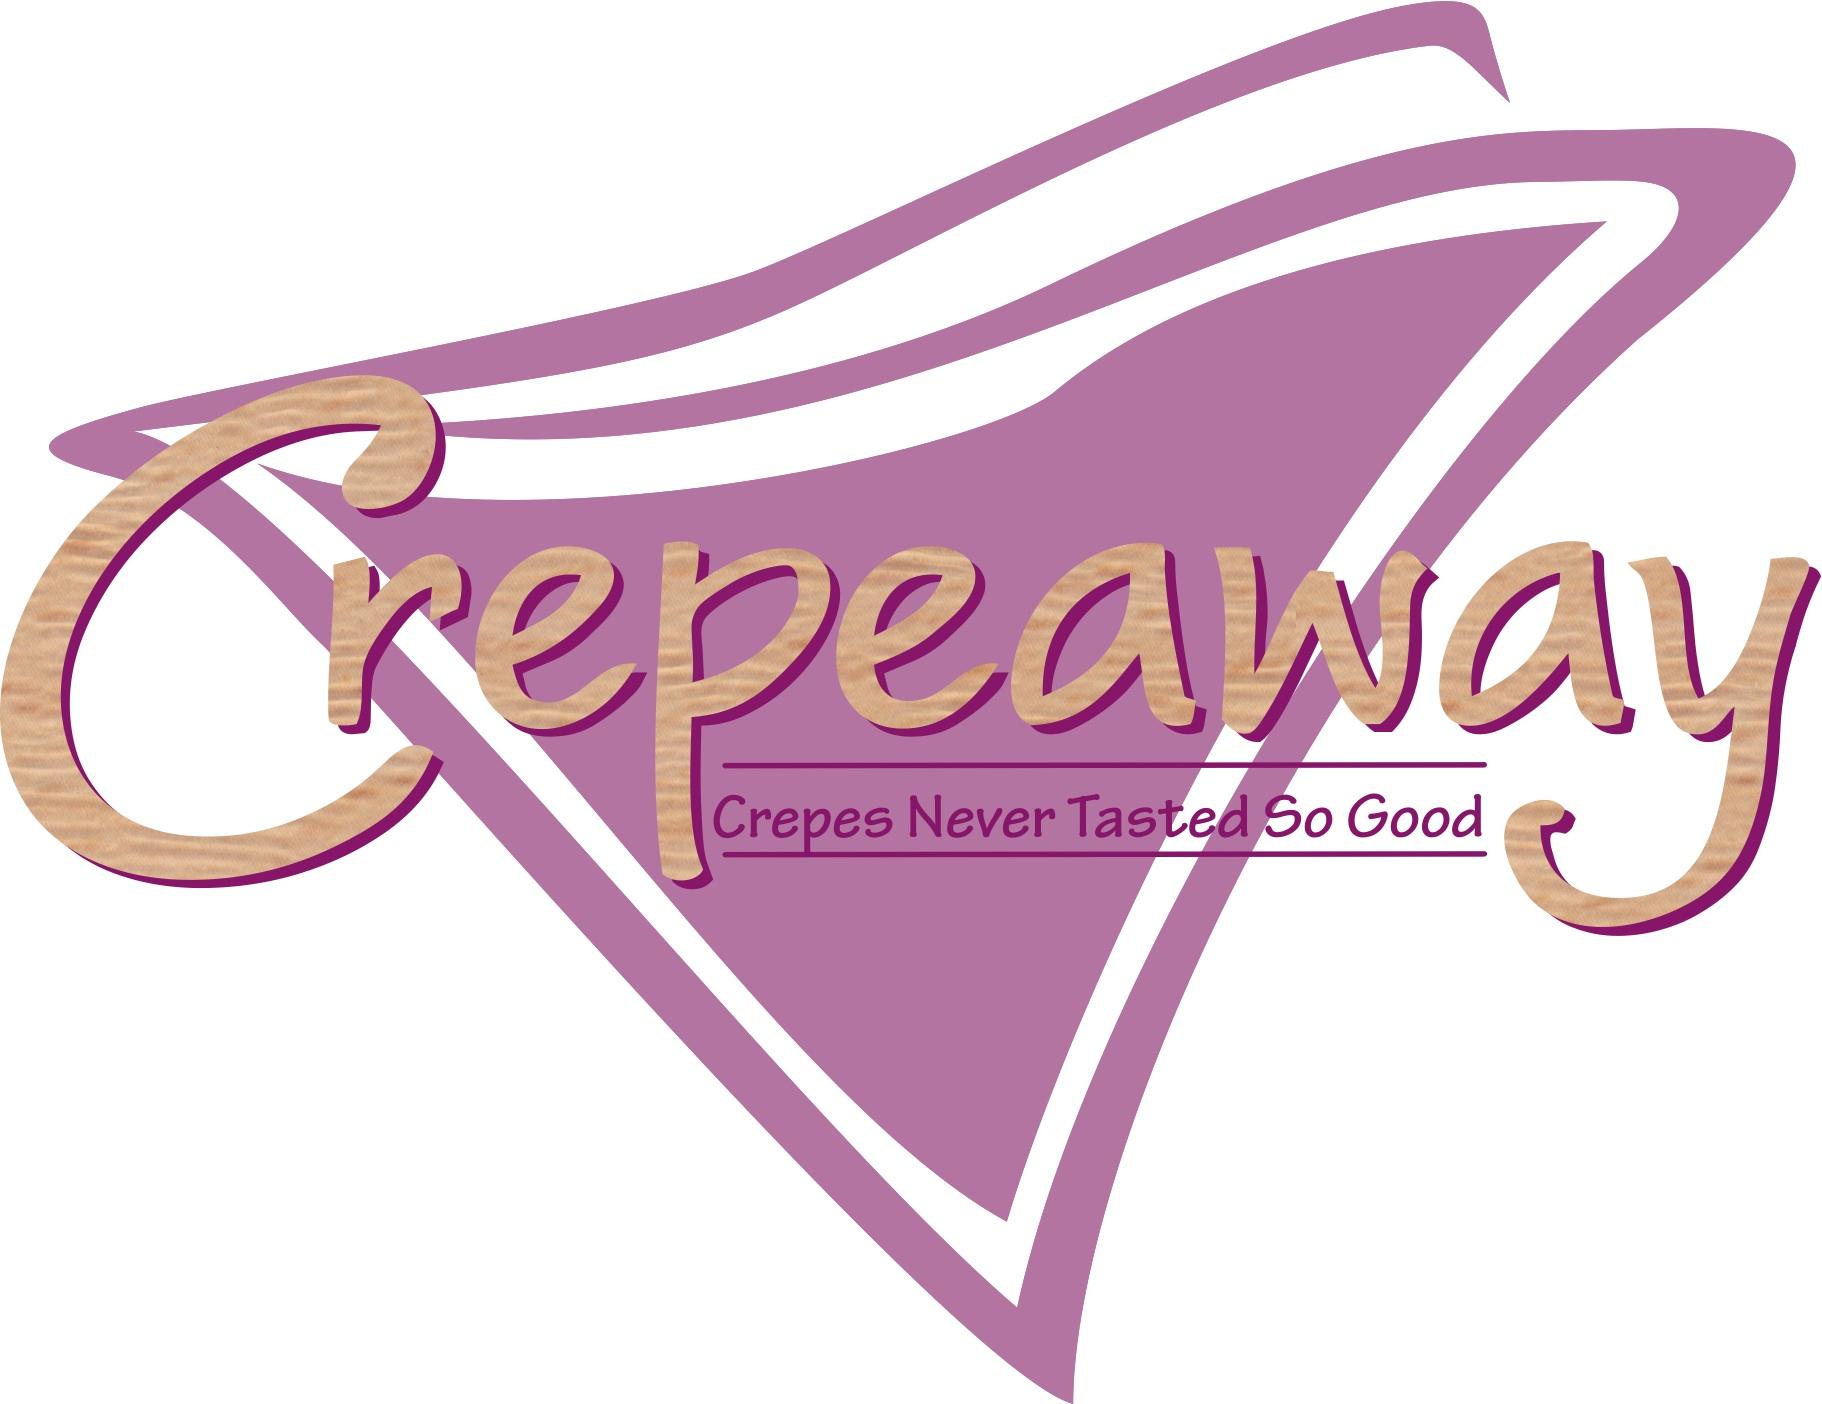 Crepeaway.jpg